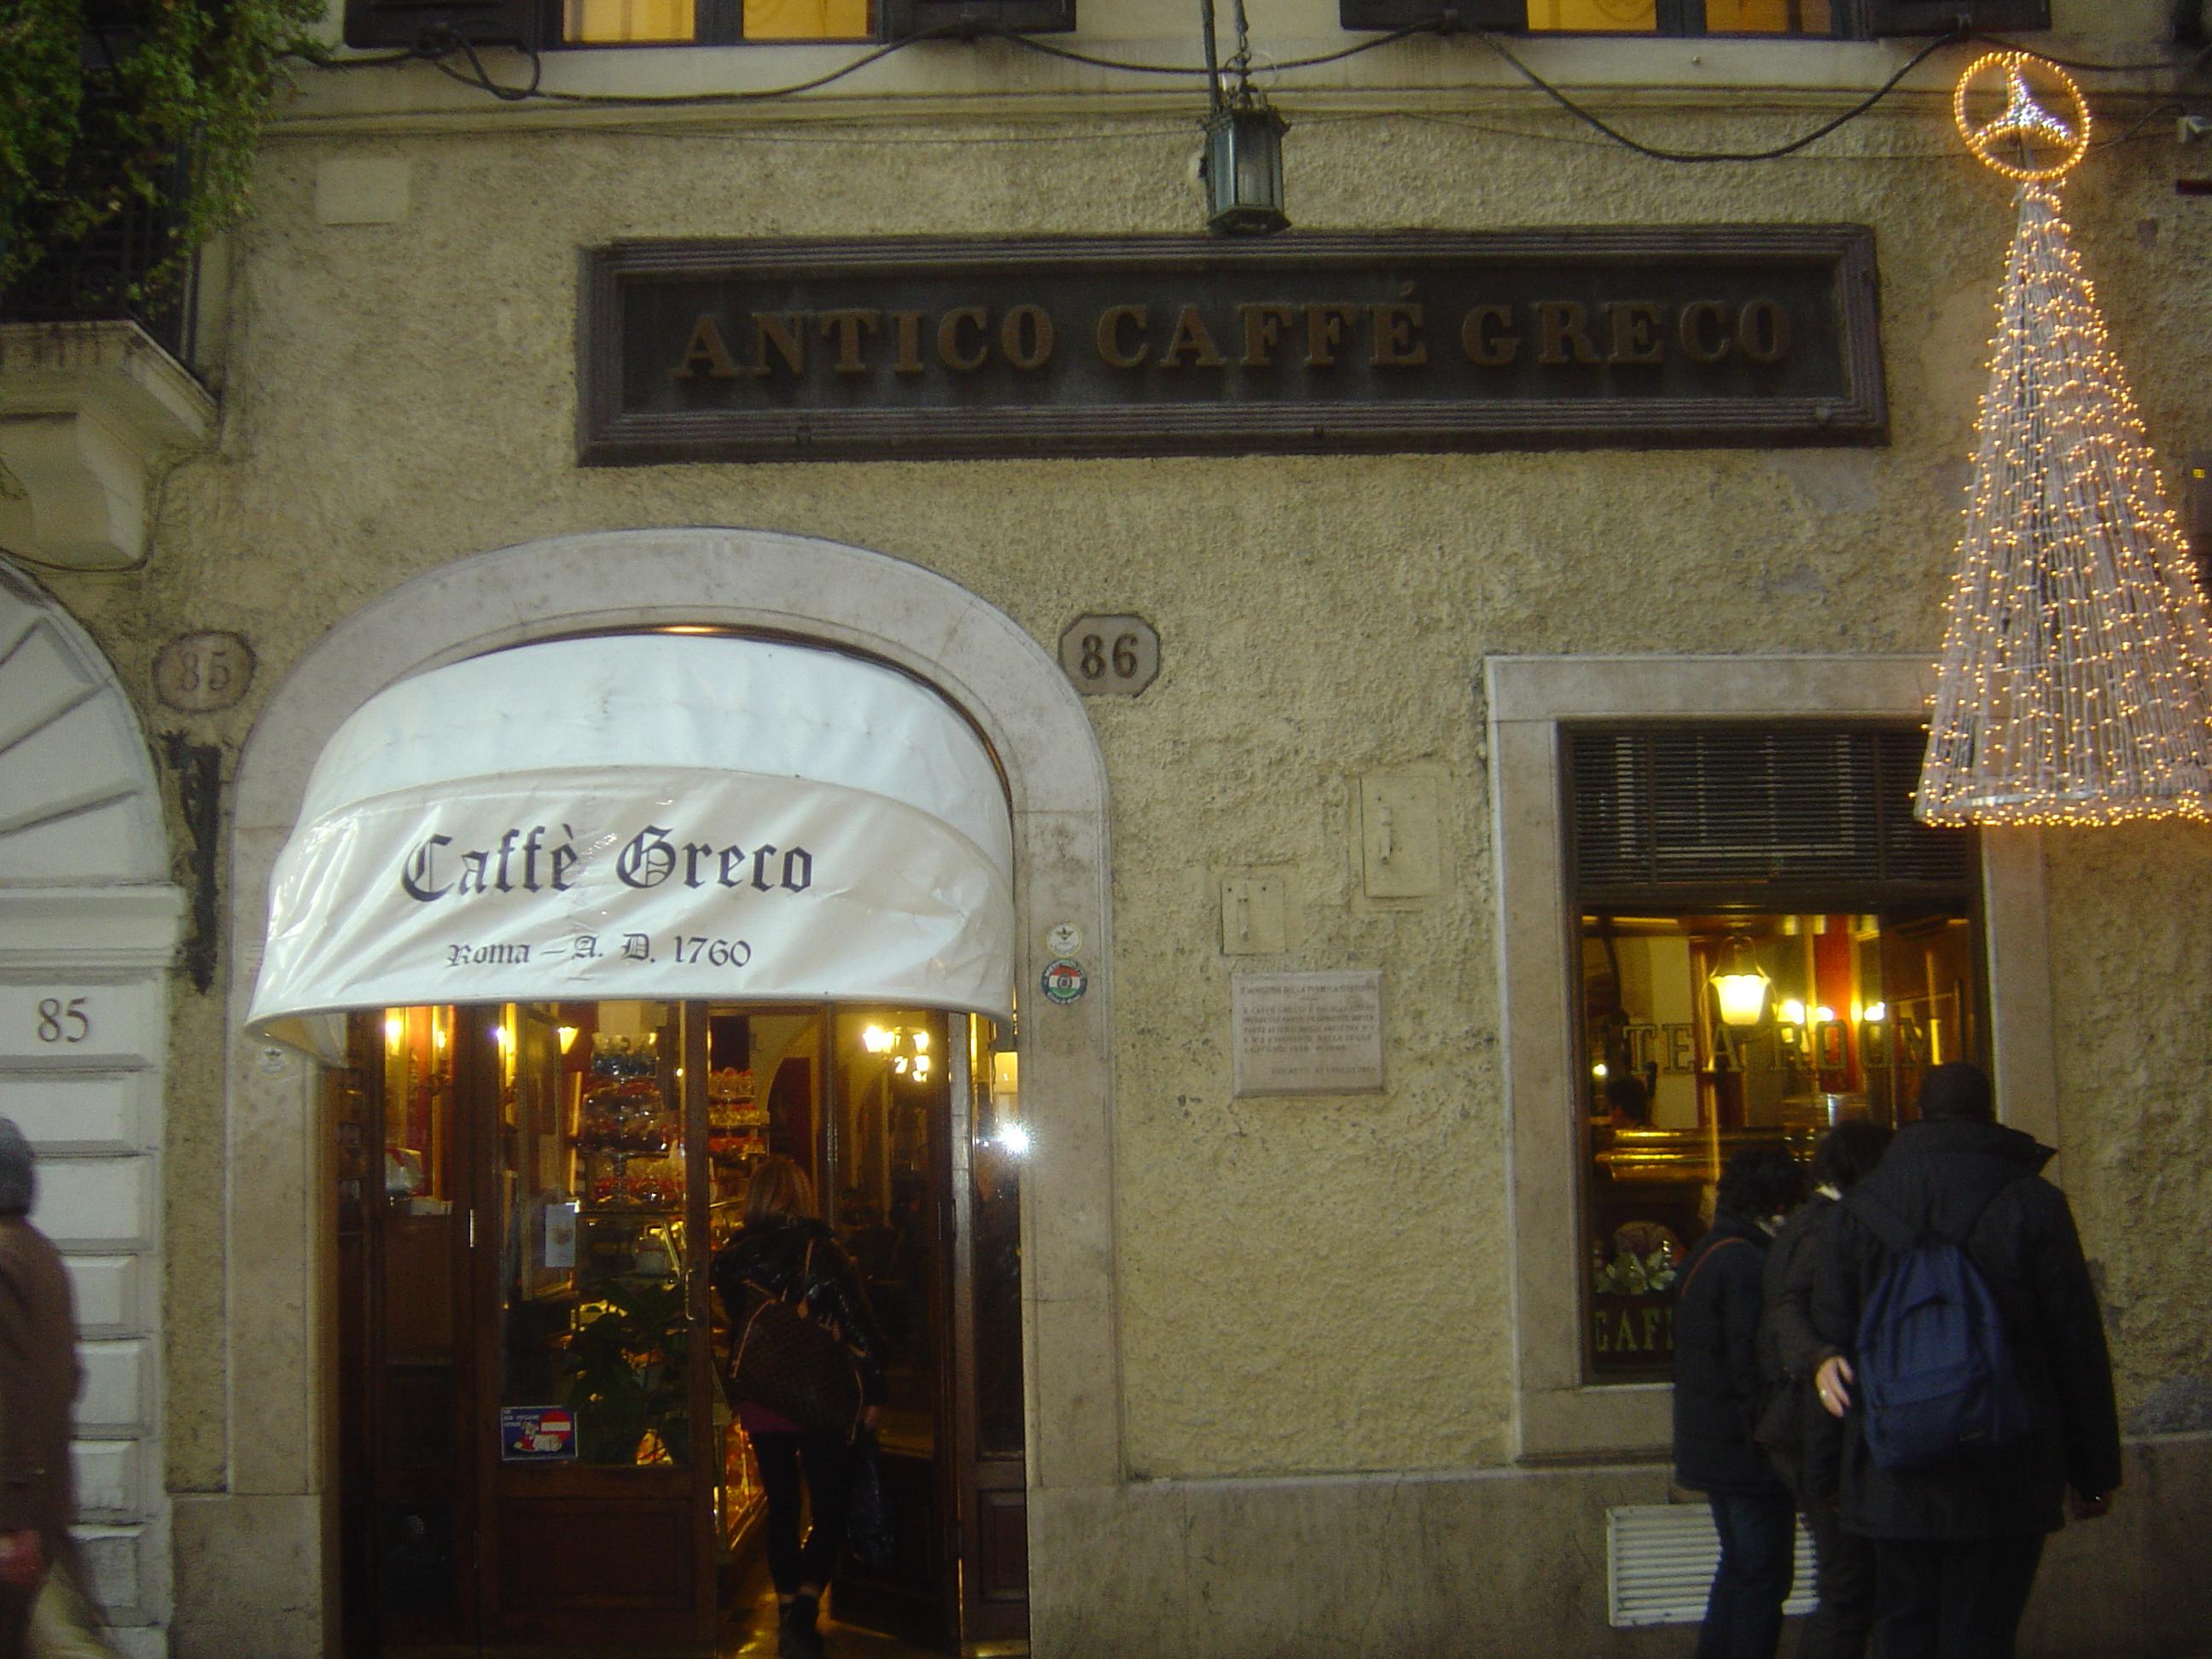 Αποτέλεσμα εικόνας για cafe greco rome